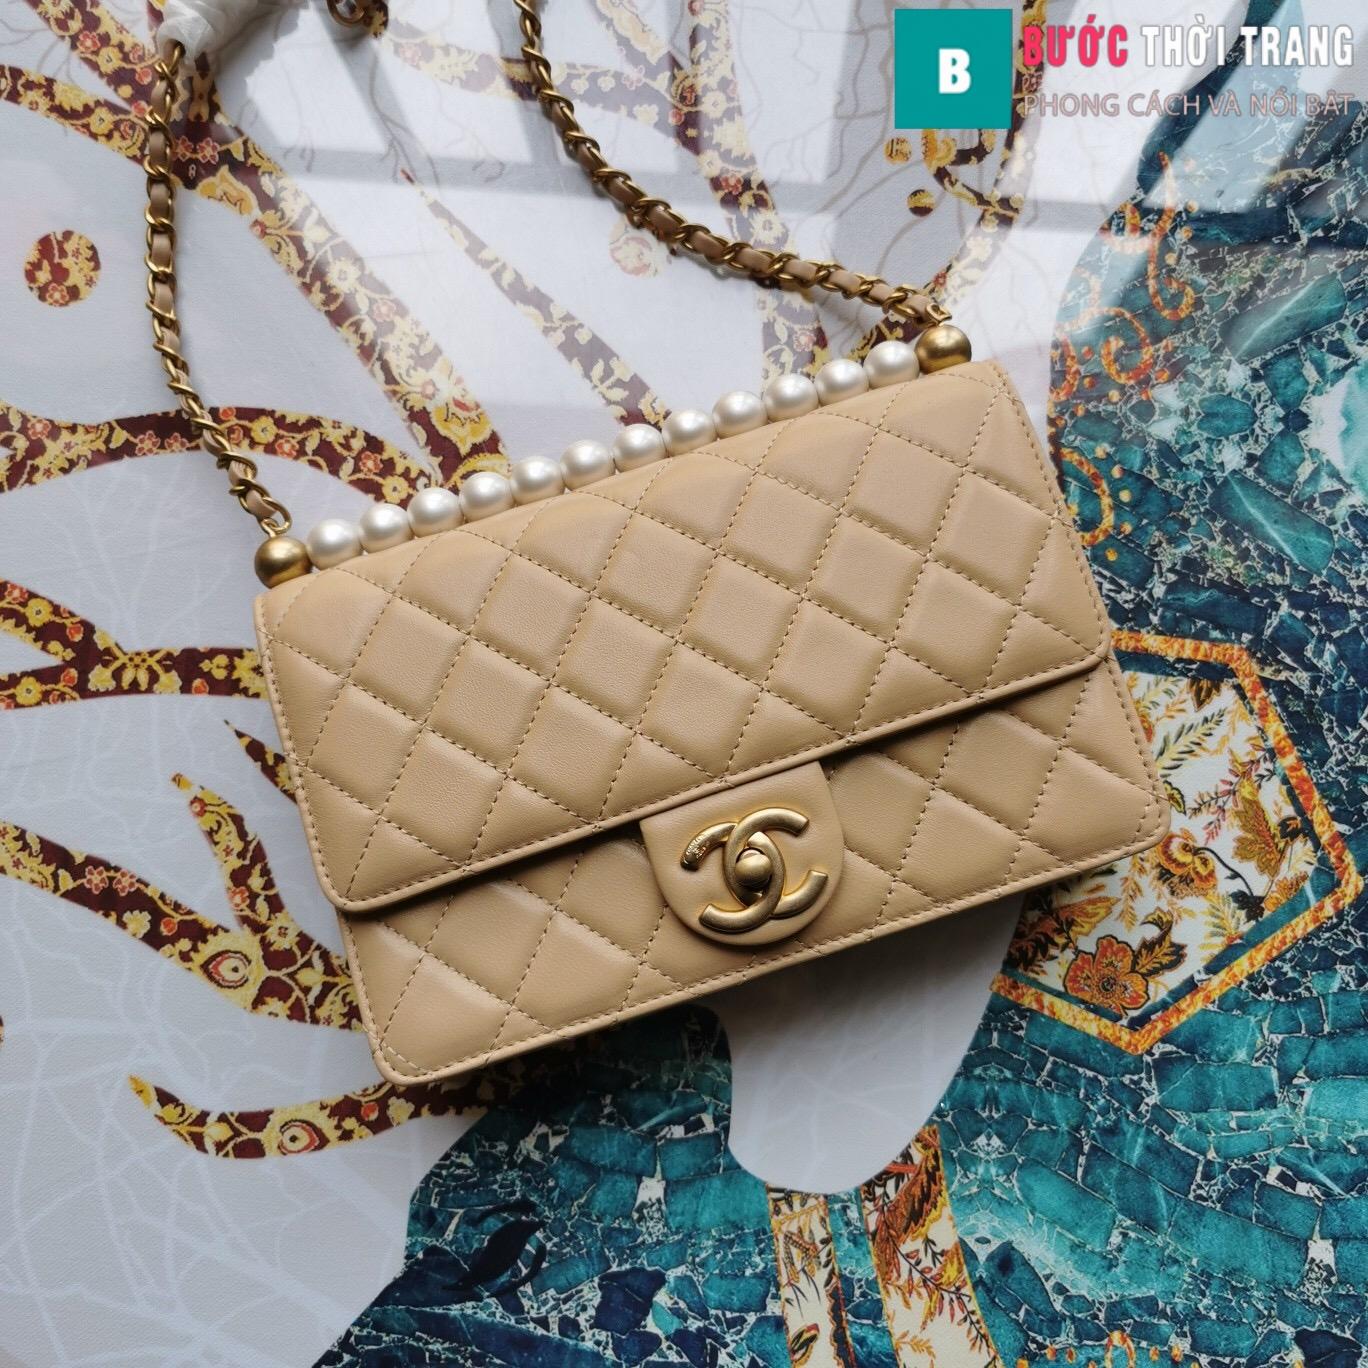 Túi xách Chanel Pearl chanin bag (19)